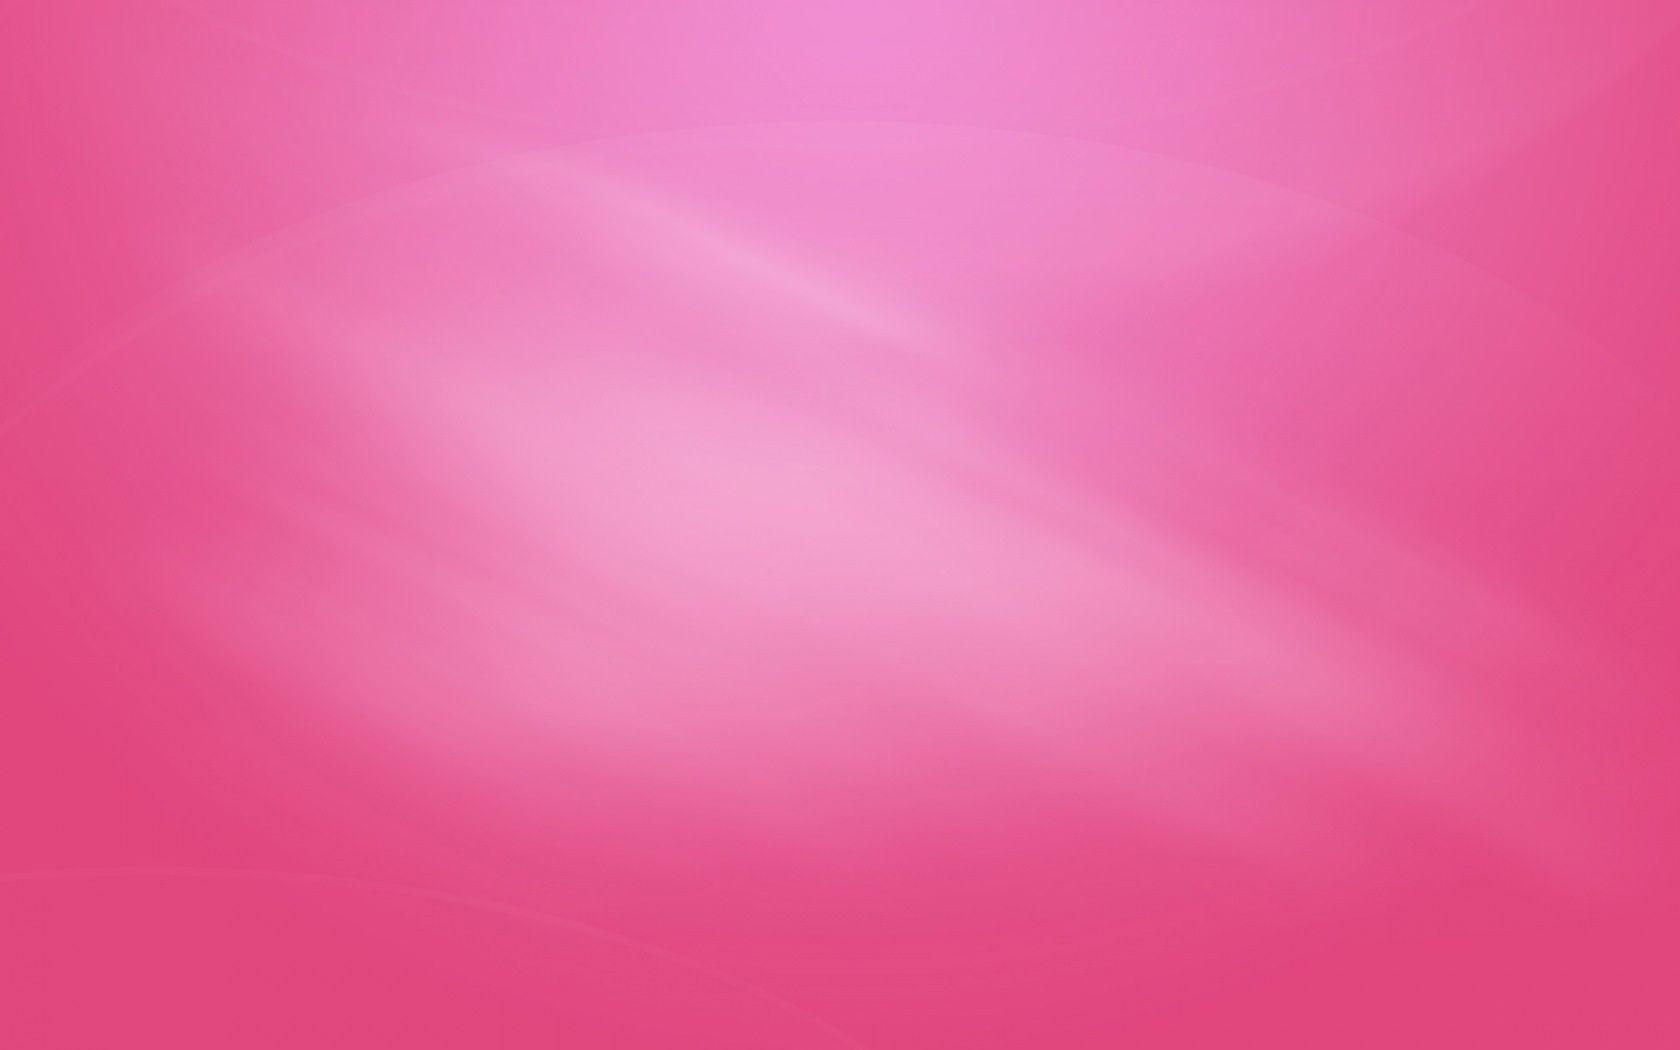 Fondos De Pantalla Rosa: Desktop Backgrounds